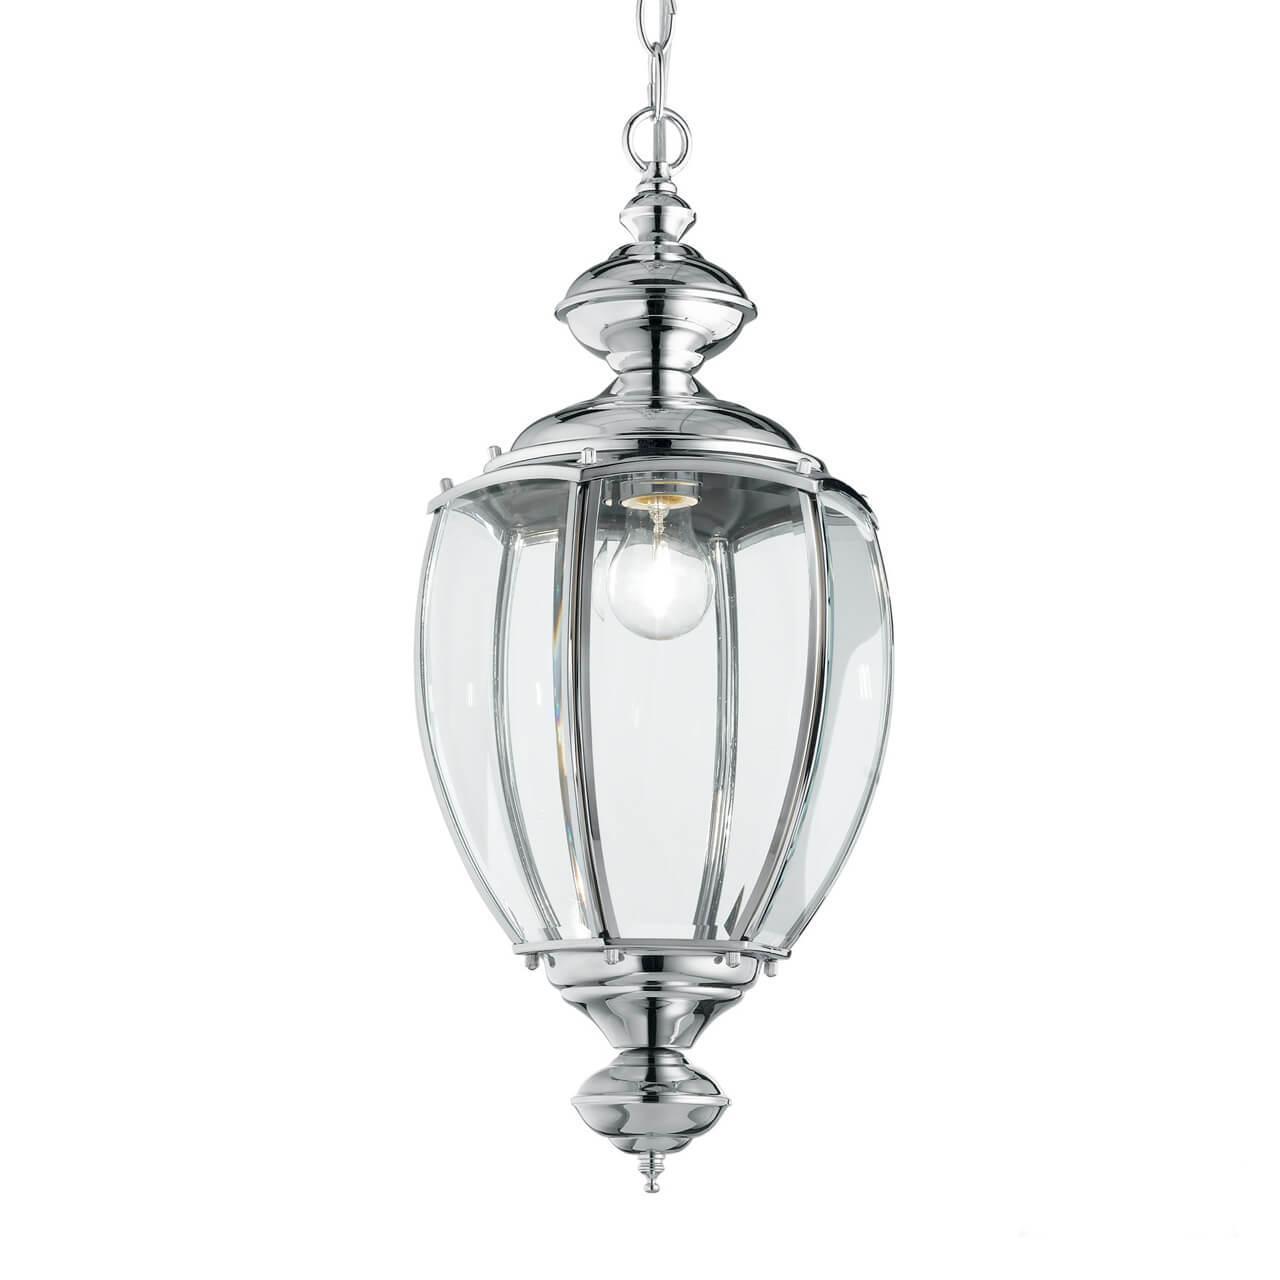 Подвесной светильник Ideal Lux Norma SP1 Cromo, E27, 60 Вт подвесной светильник ideal lux potty 3 sp1